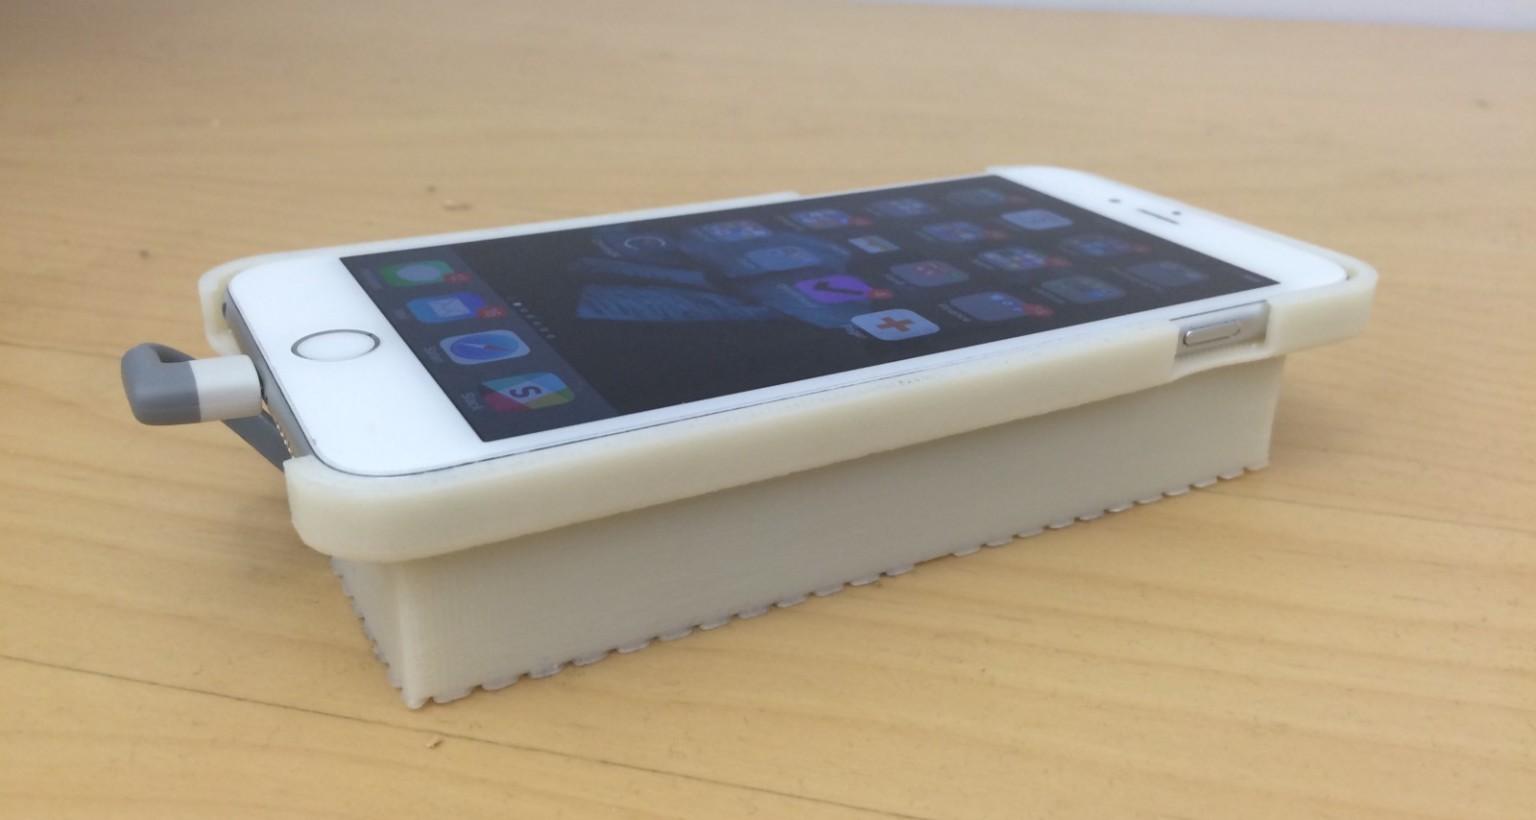 Pouzdro od Tendigi umožní spustit na iPhone zařízení Android [Zajímavost]